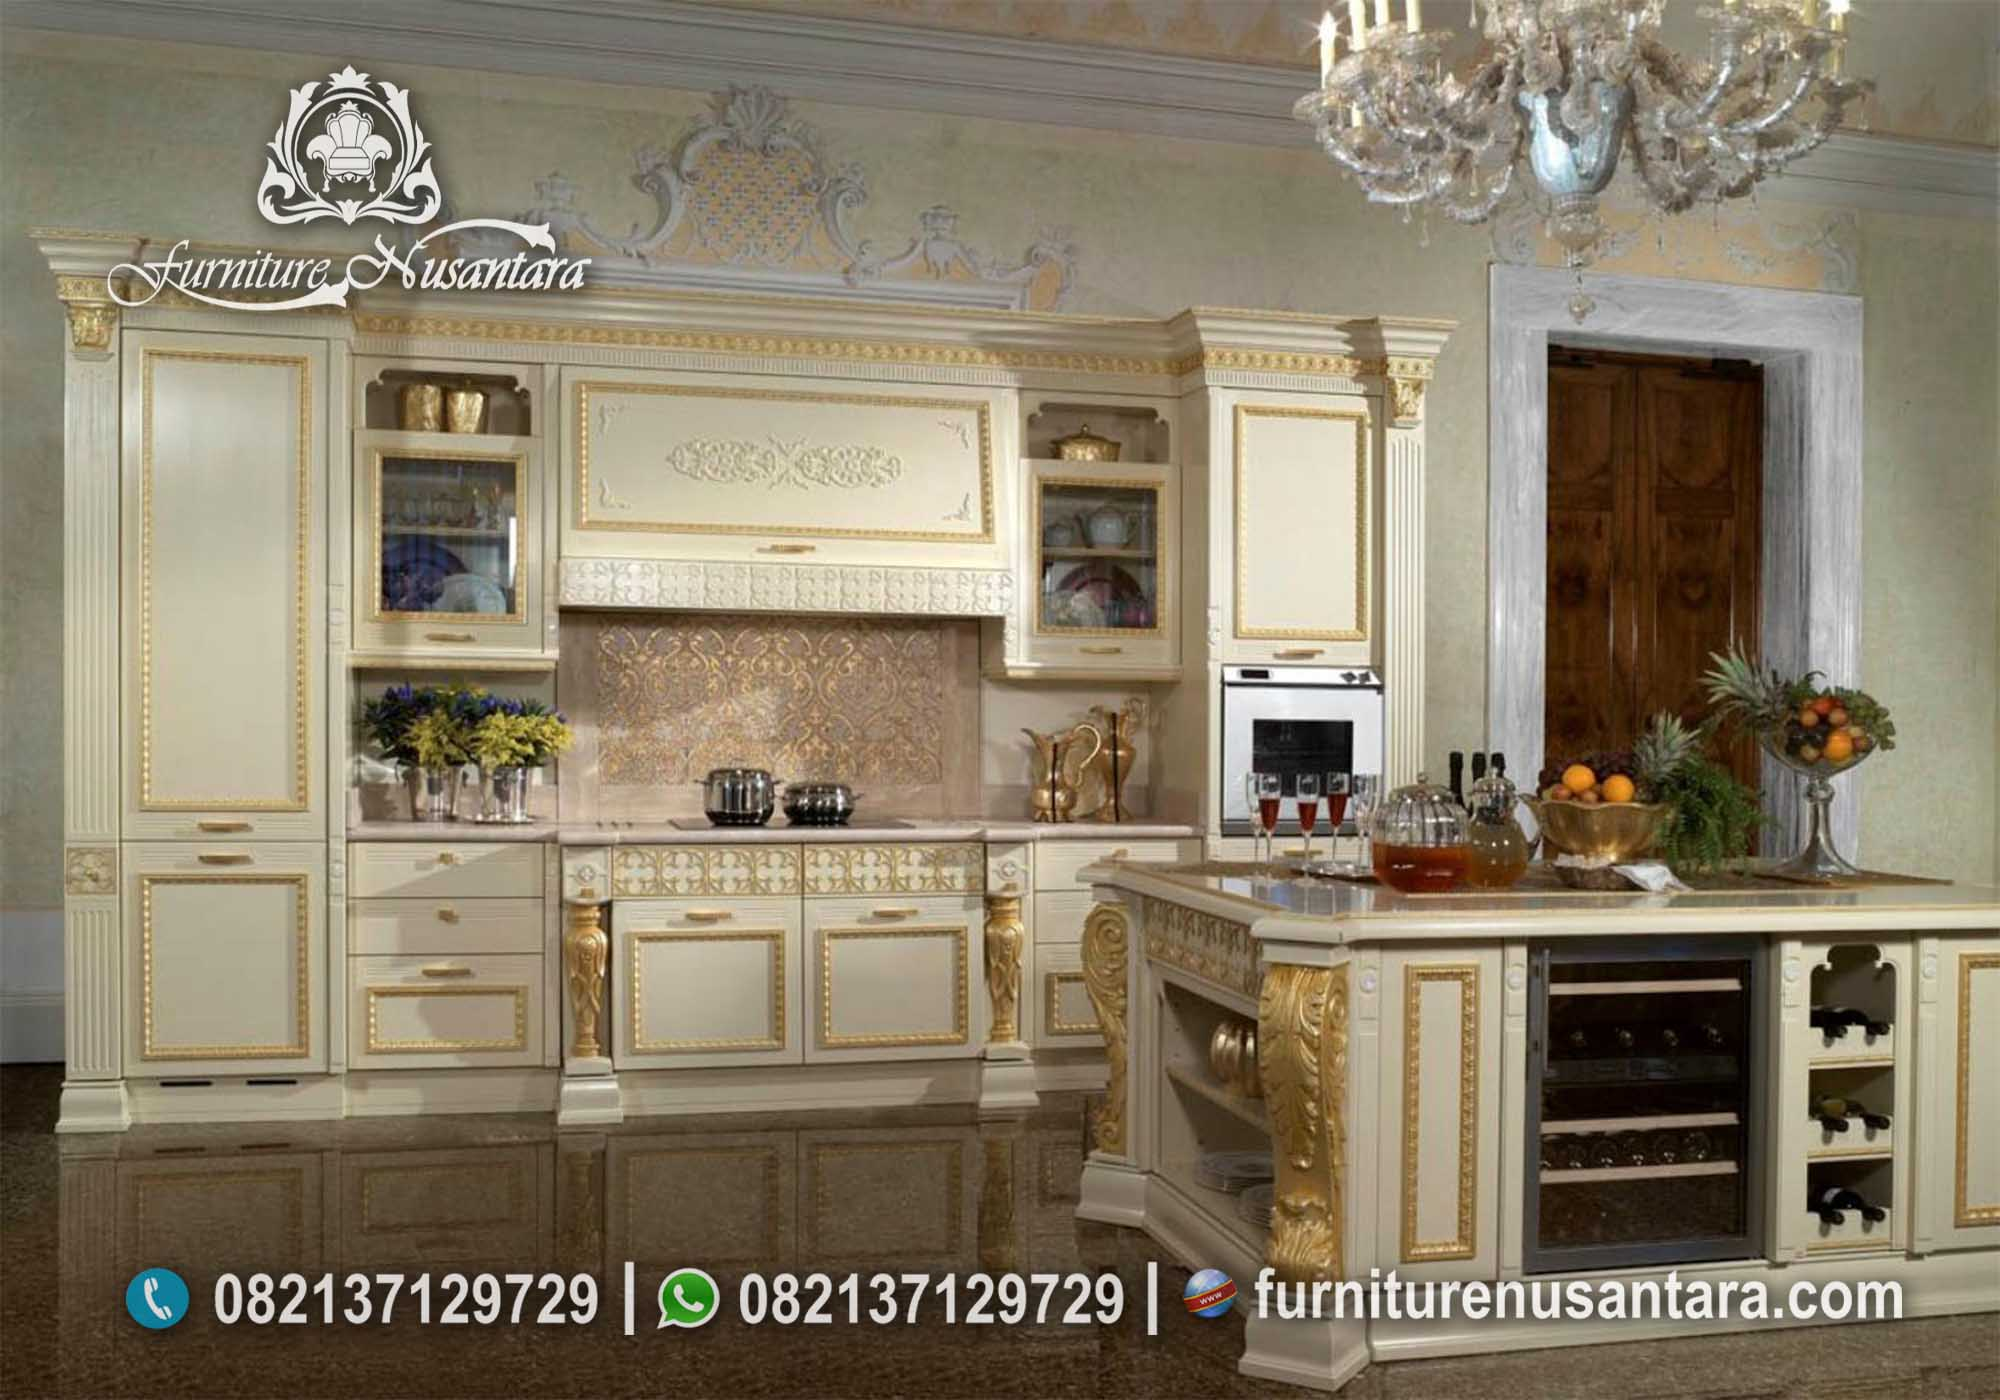 Kitchen Set Warna Cream kombinasi Emas KC-02, Furniture Nusantara